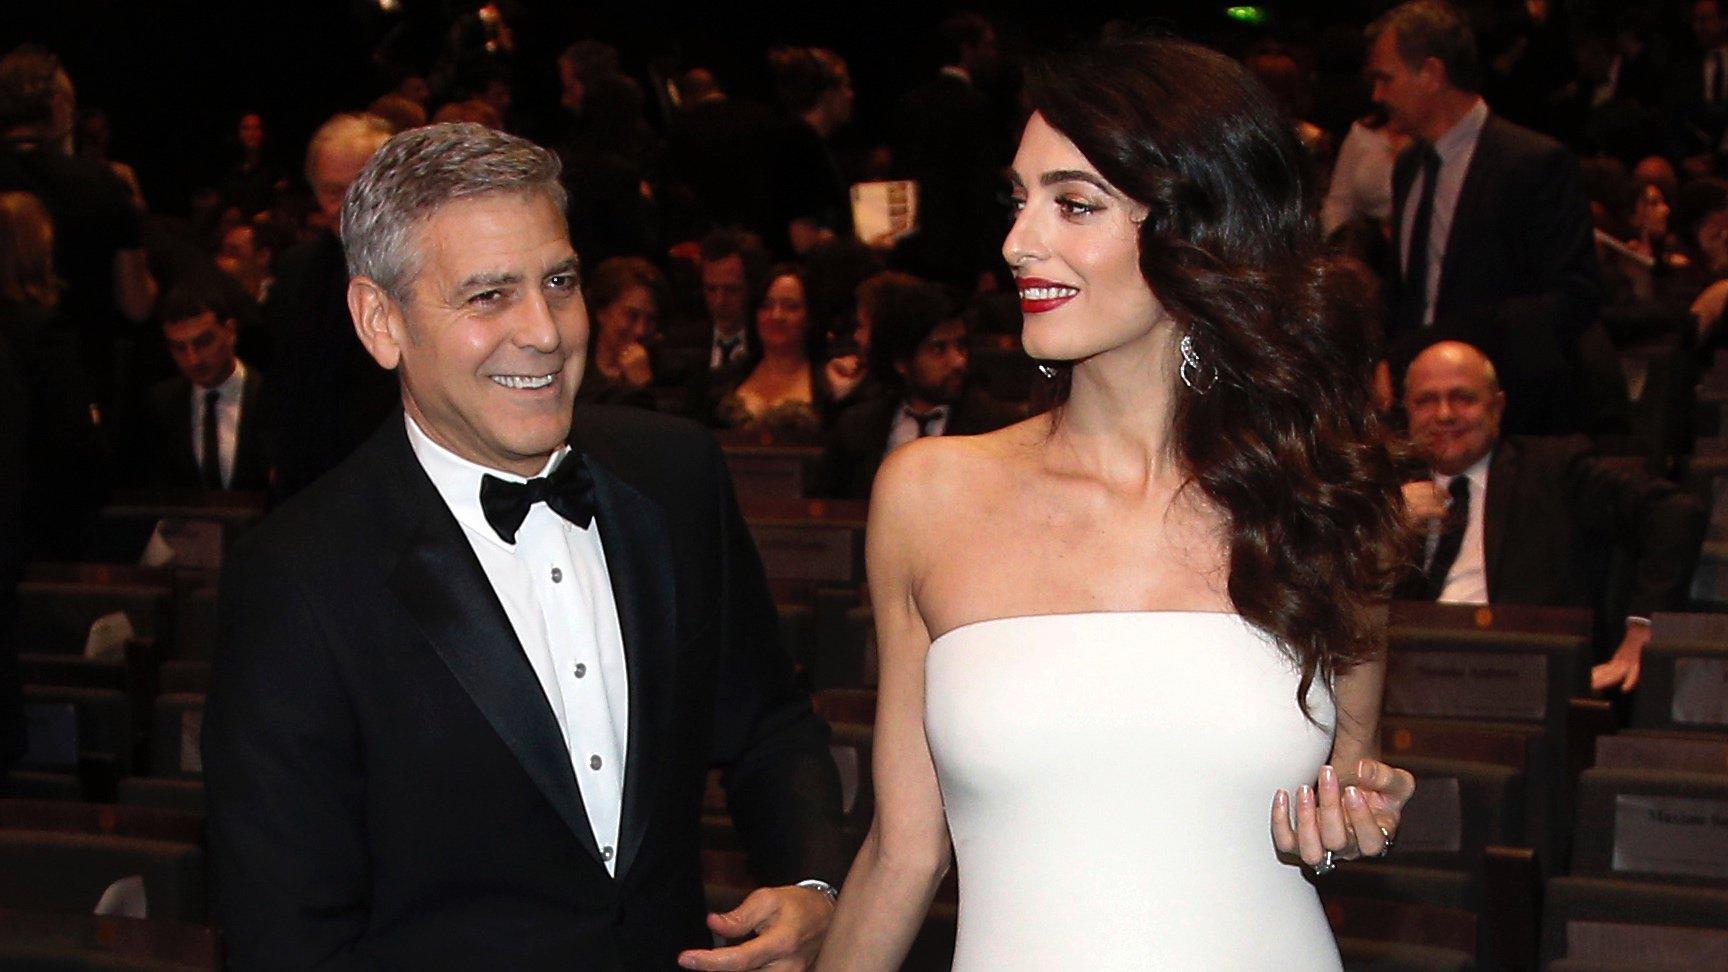 AP_George_Amal_Clooney_Cropped.jpg